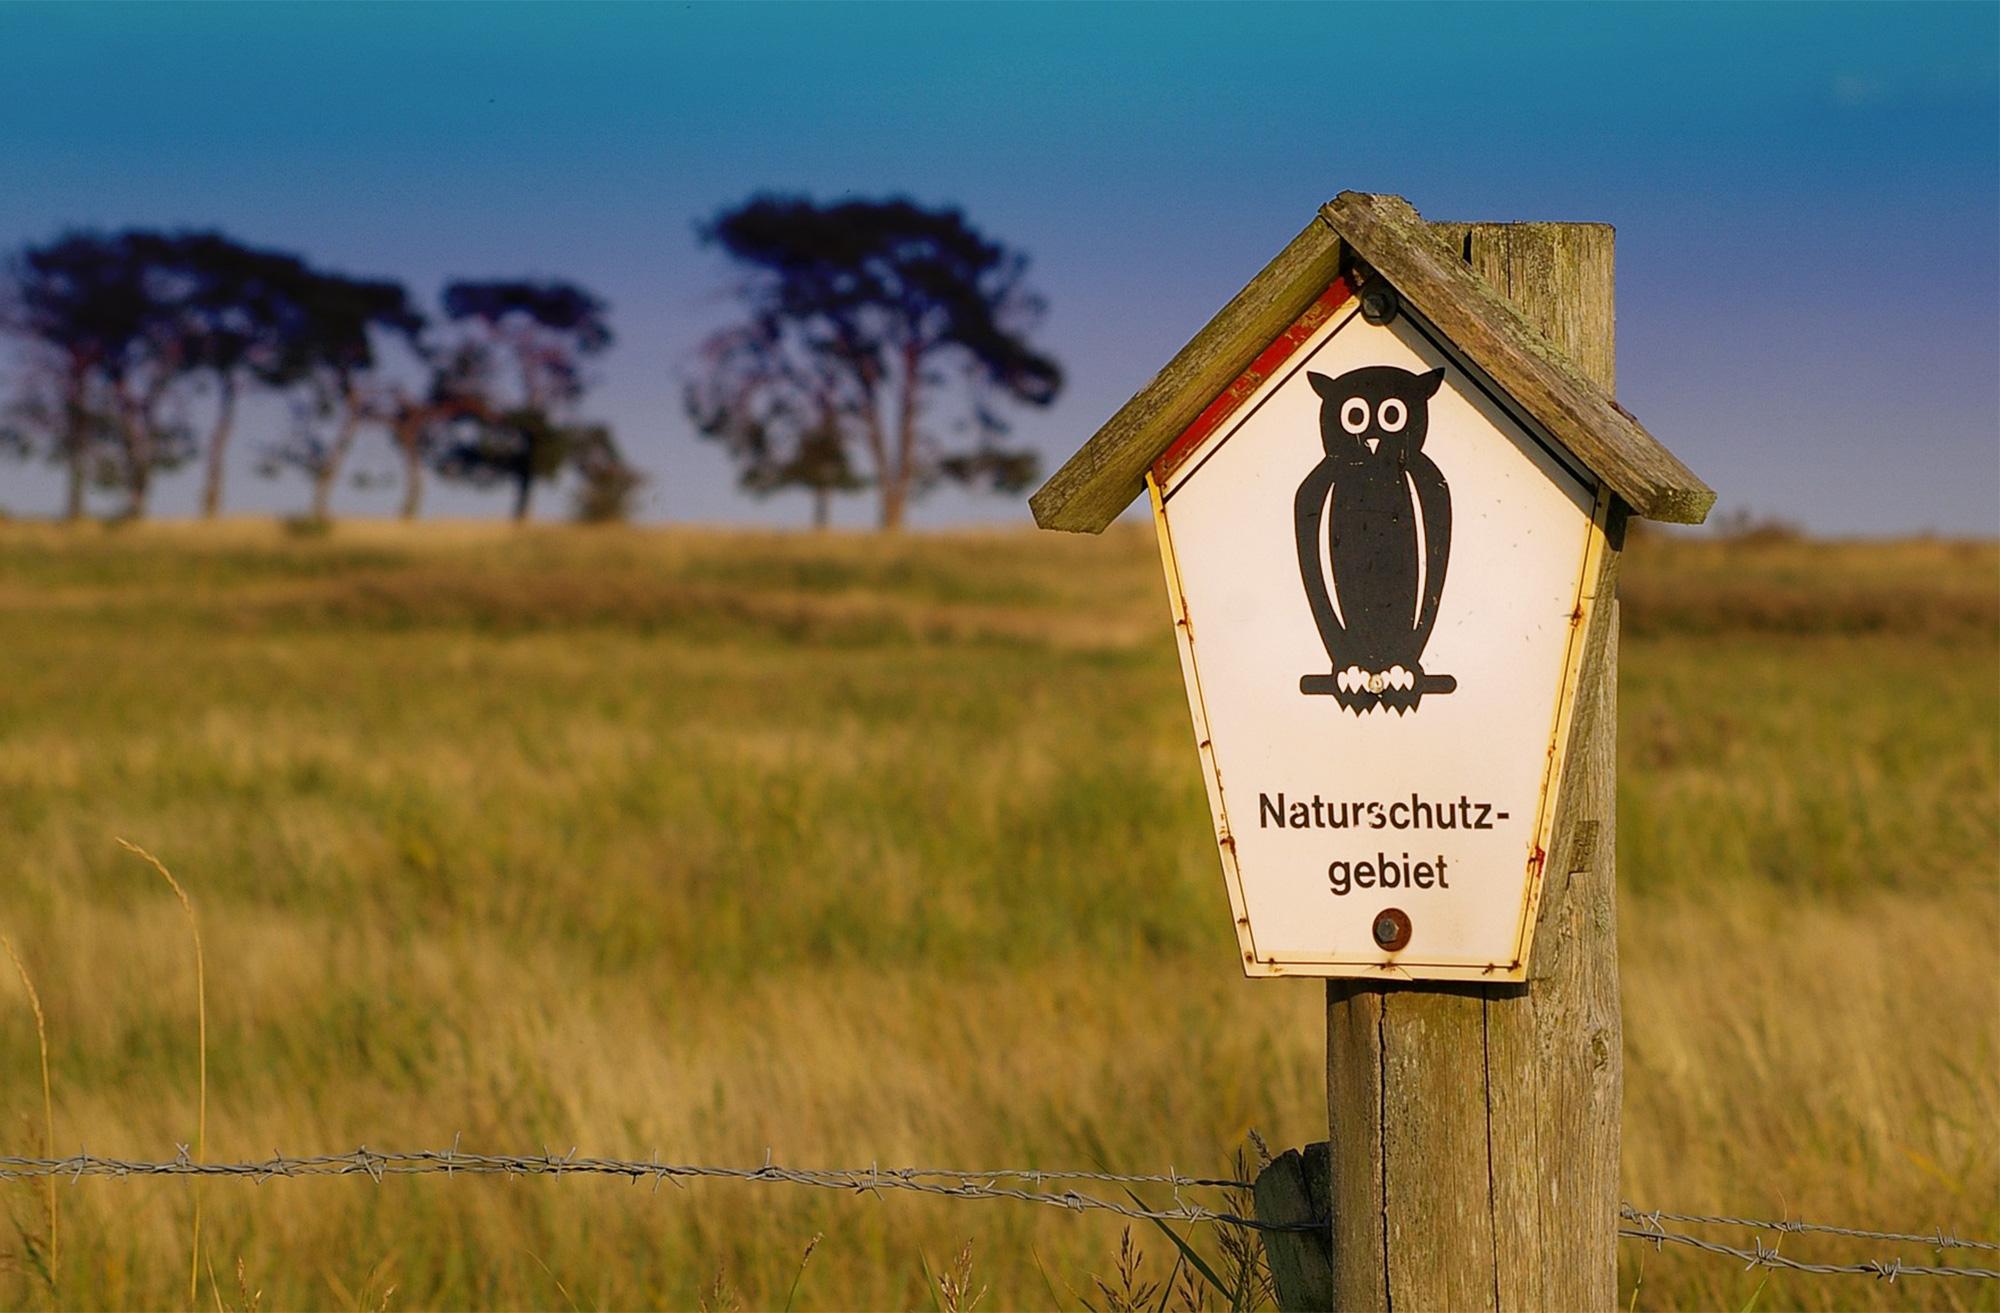 Naturschutzgebiete sind am meisten geschützt